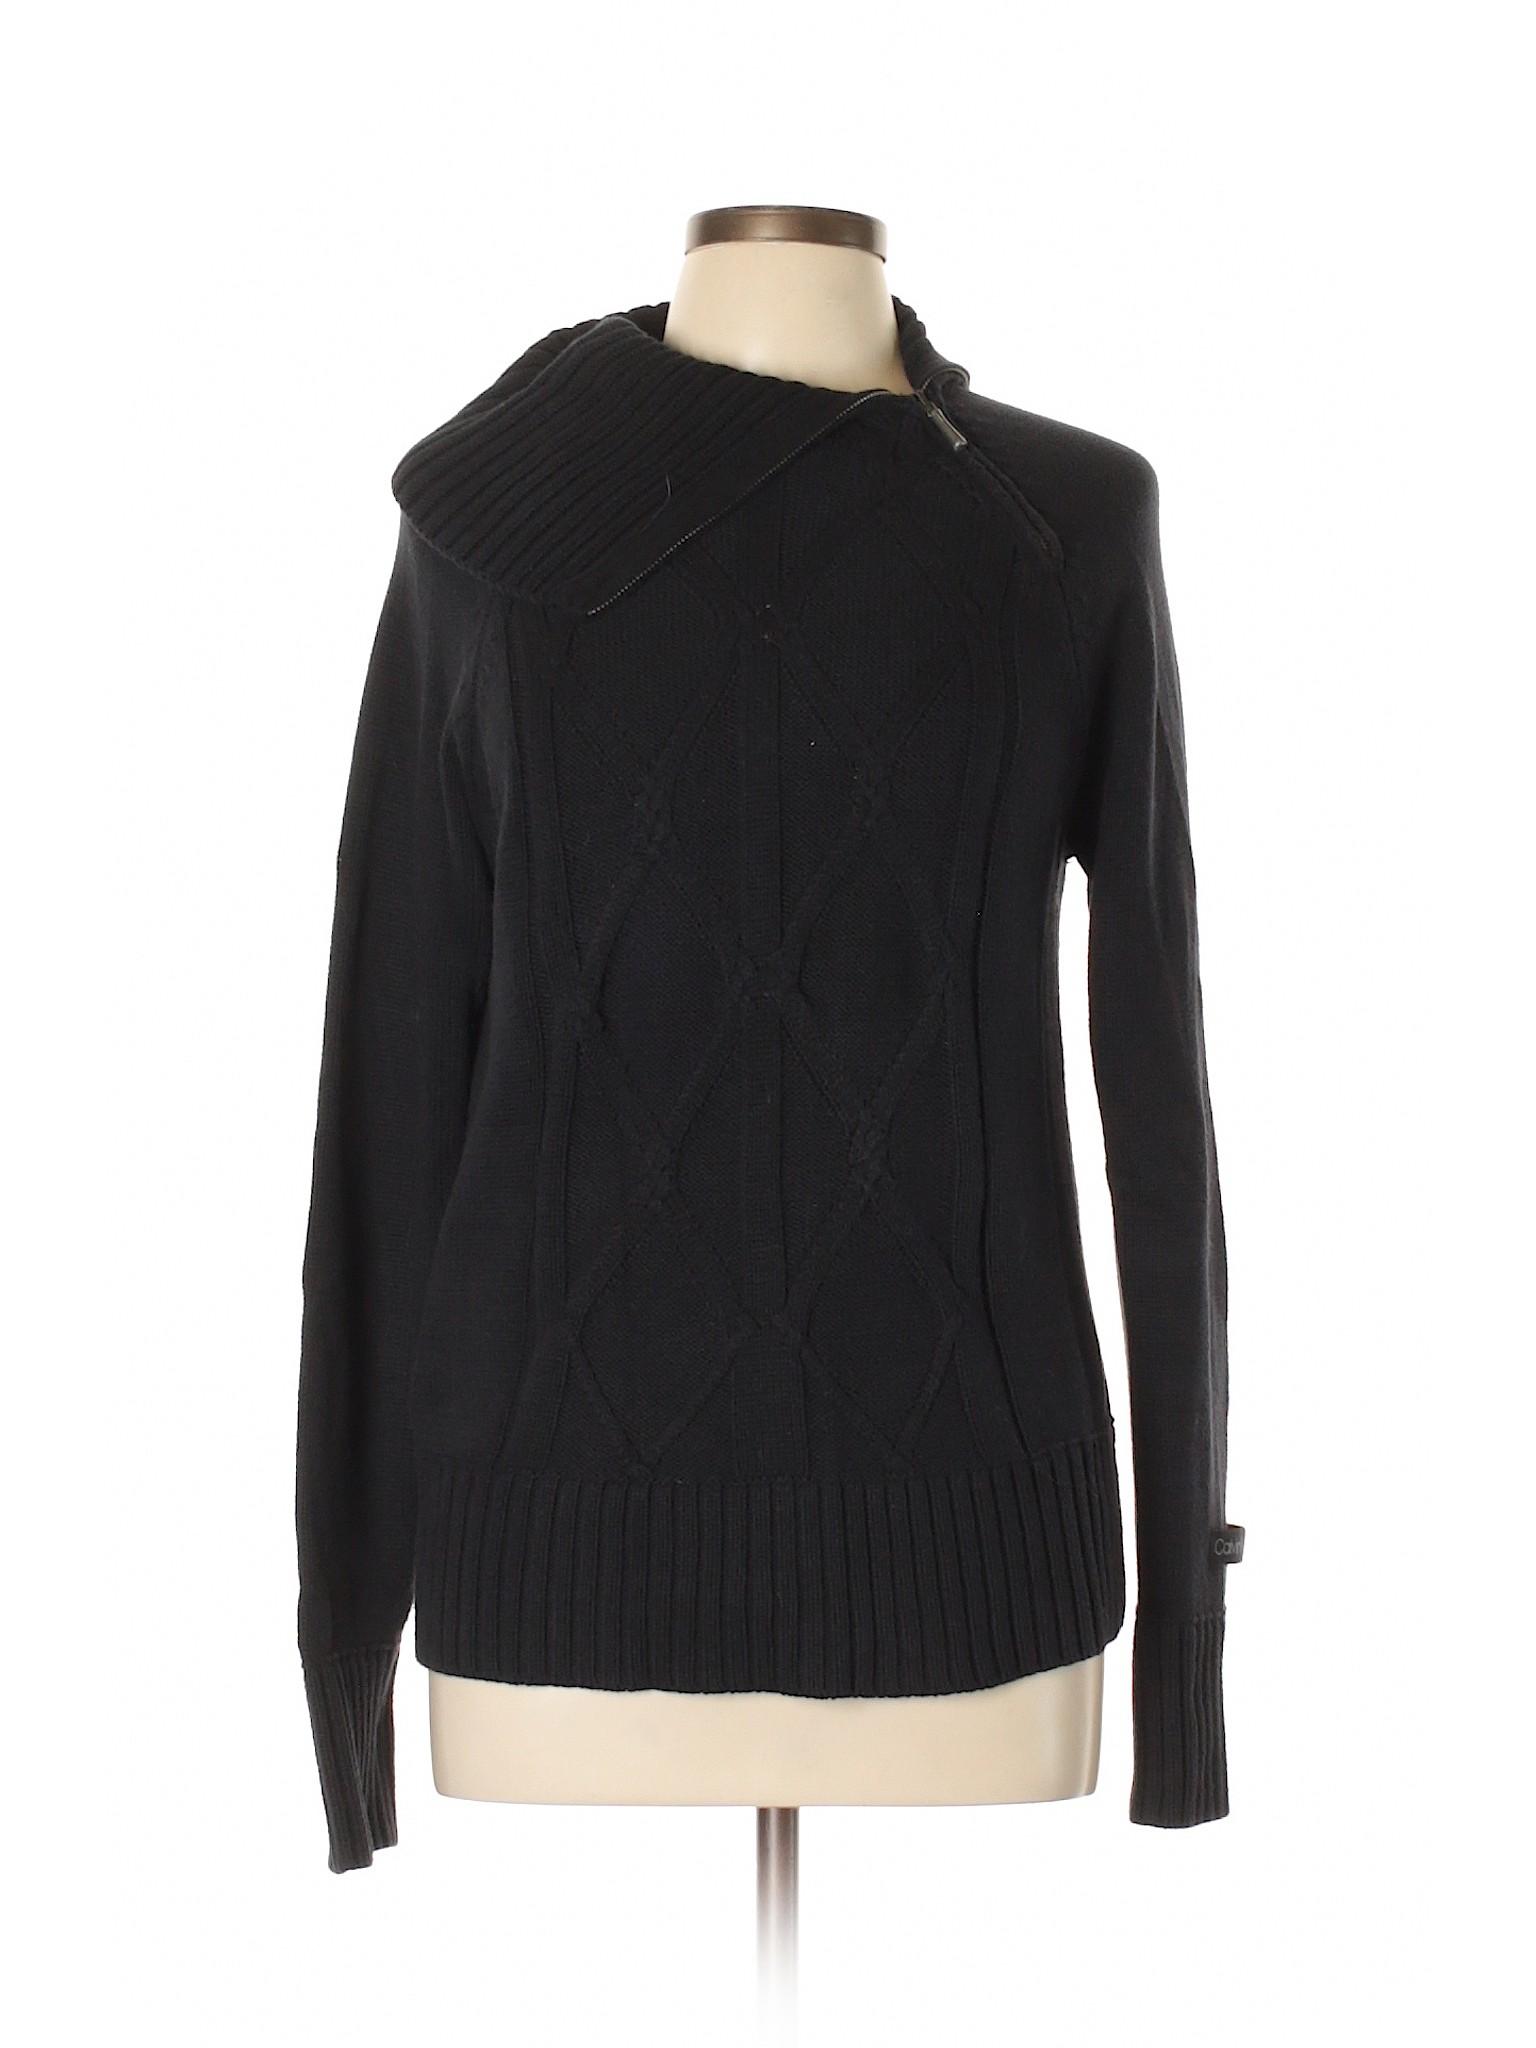 Pullover Sweater Boutique Boutique Calvin Calvin Klein 1wxpIn0Pqn